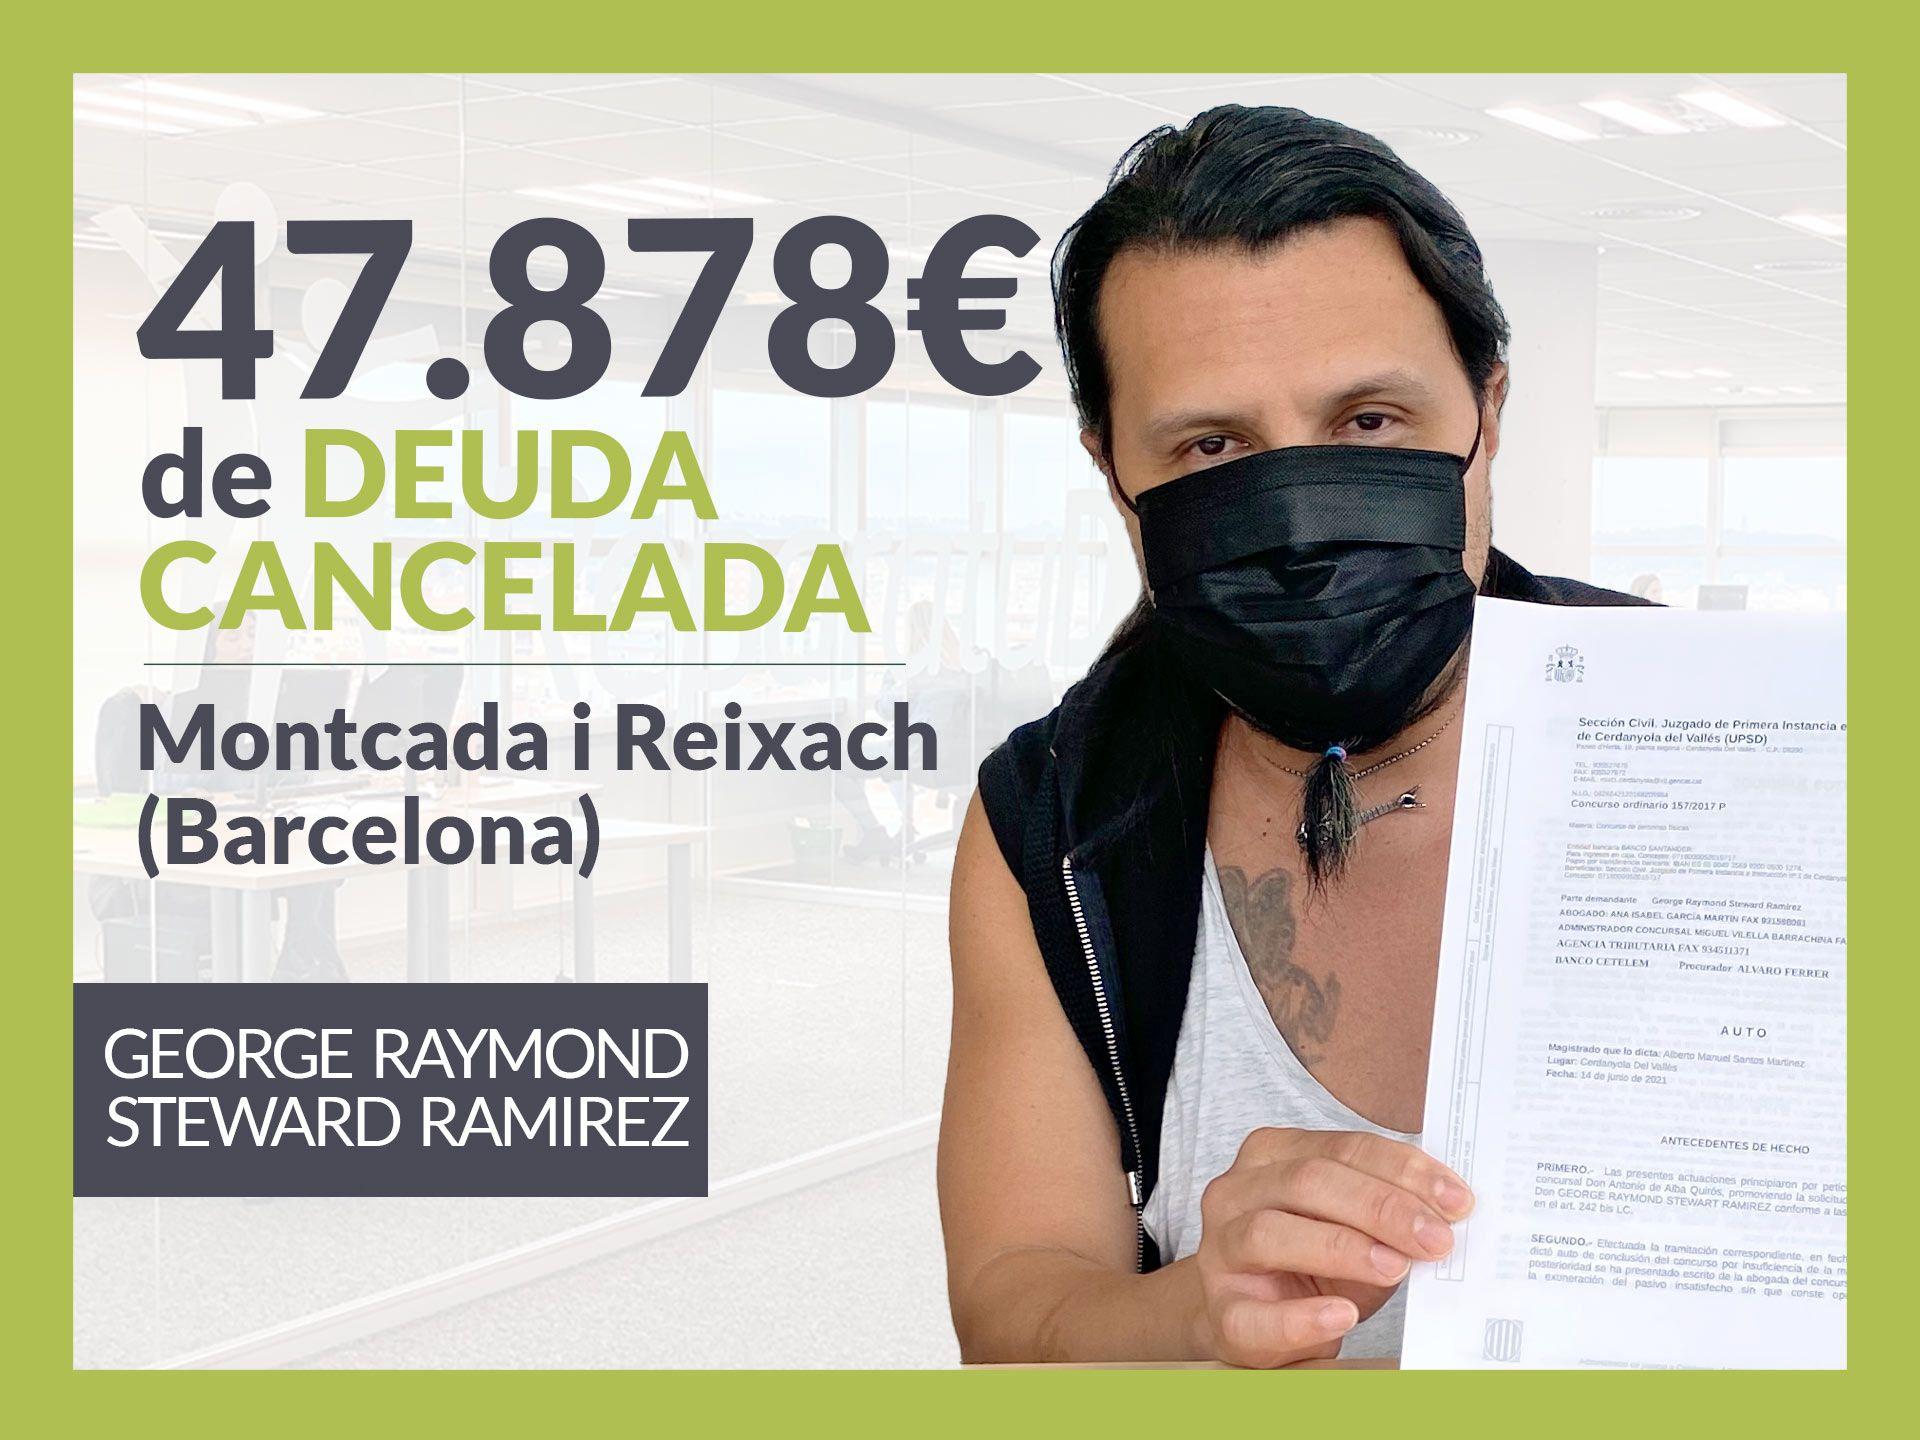 Repara tu Deuda Abogados cancela 47.858€ en Montcada i Reixach con la Ley de Segunda Oportunidad